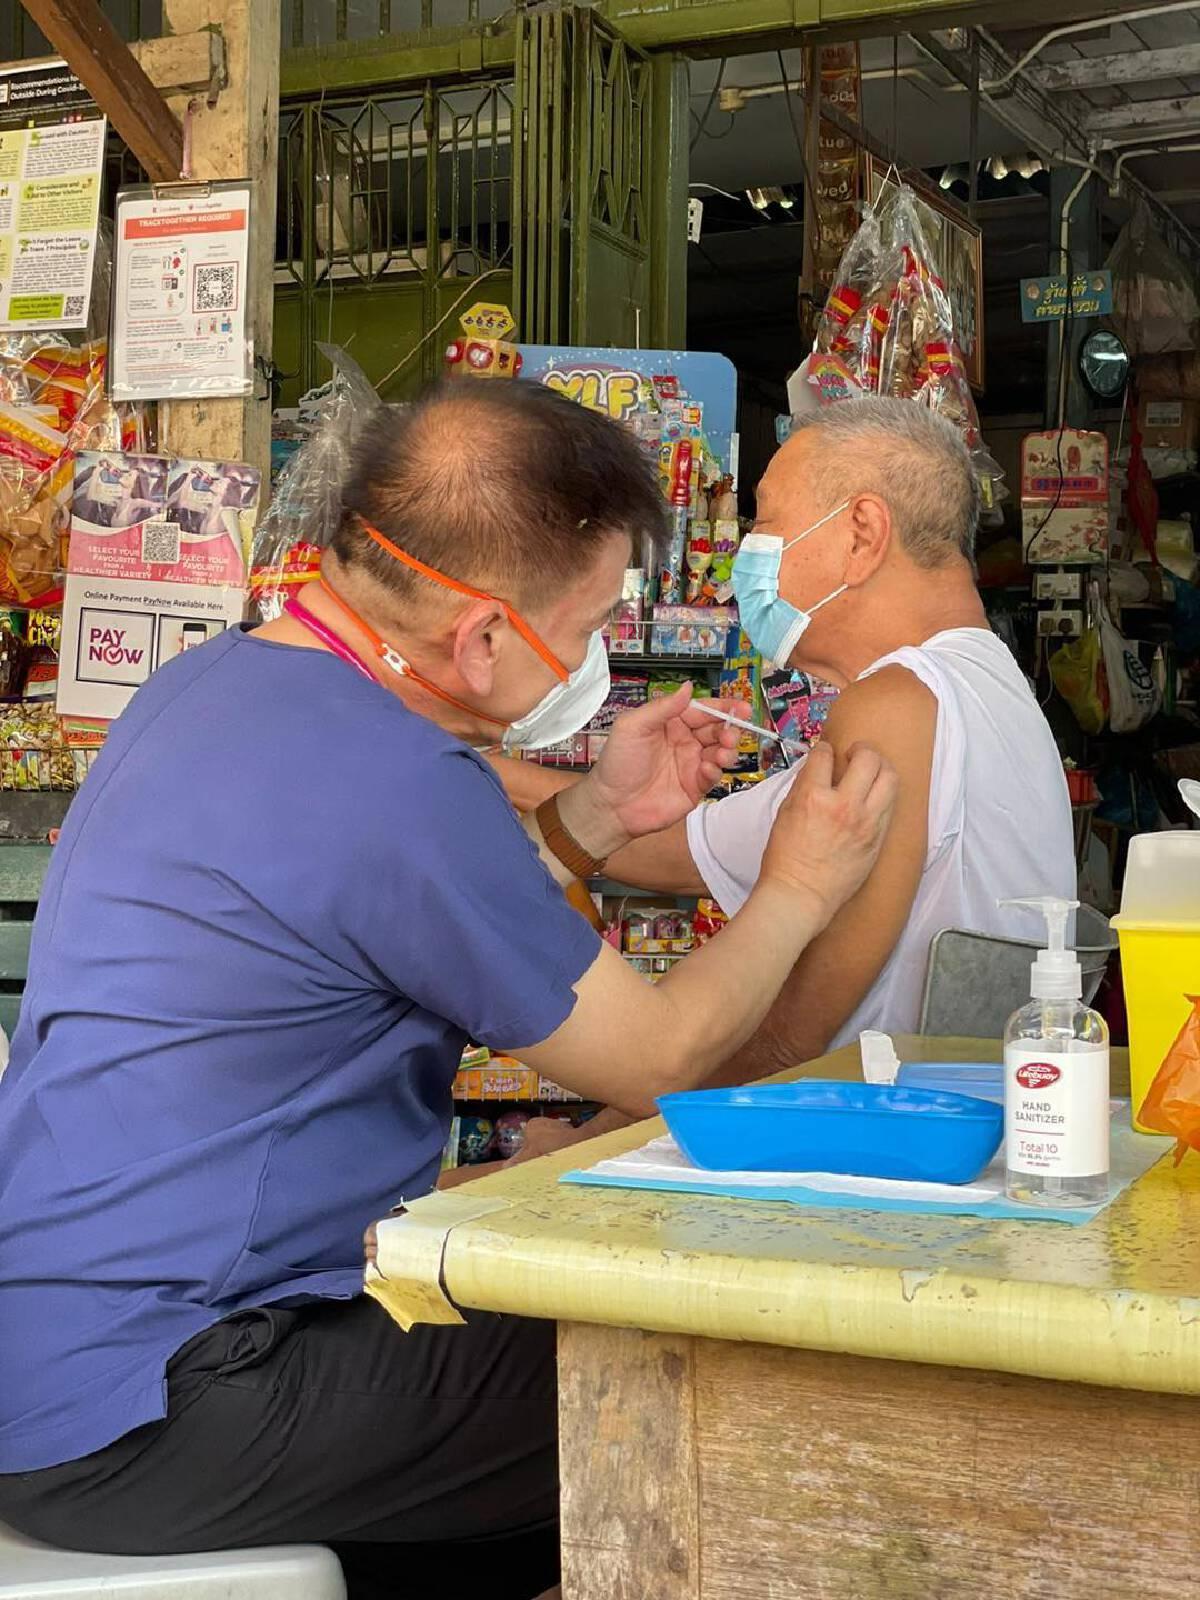 สิงคโปร์ฉีดวัคซีนโควิดแล้ว 80% มากที่สุดในโลก